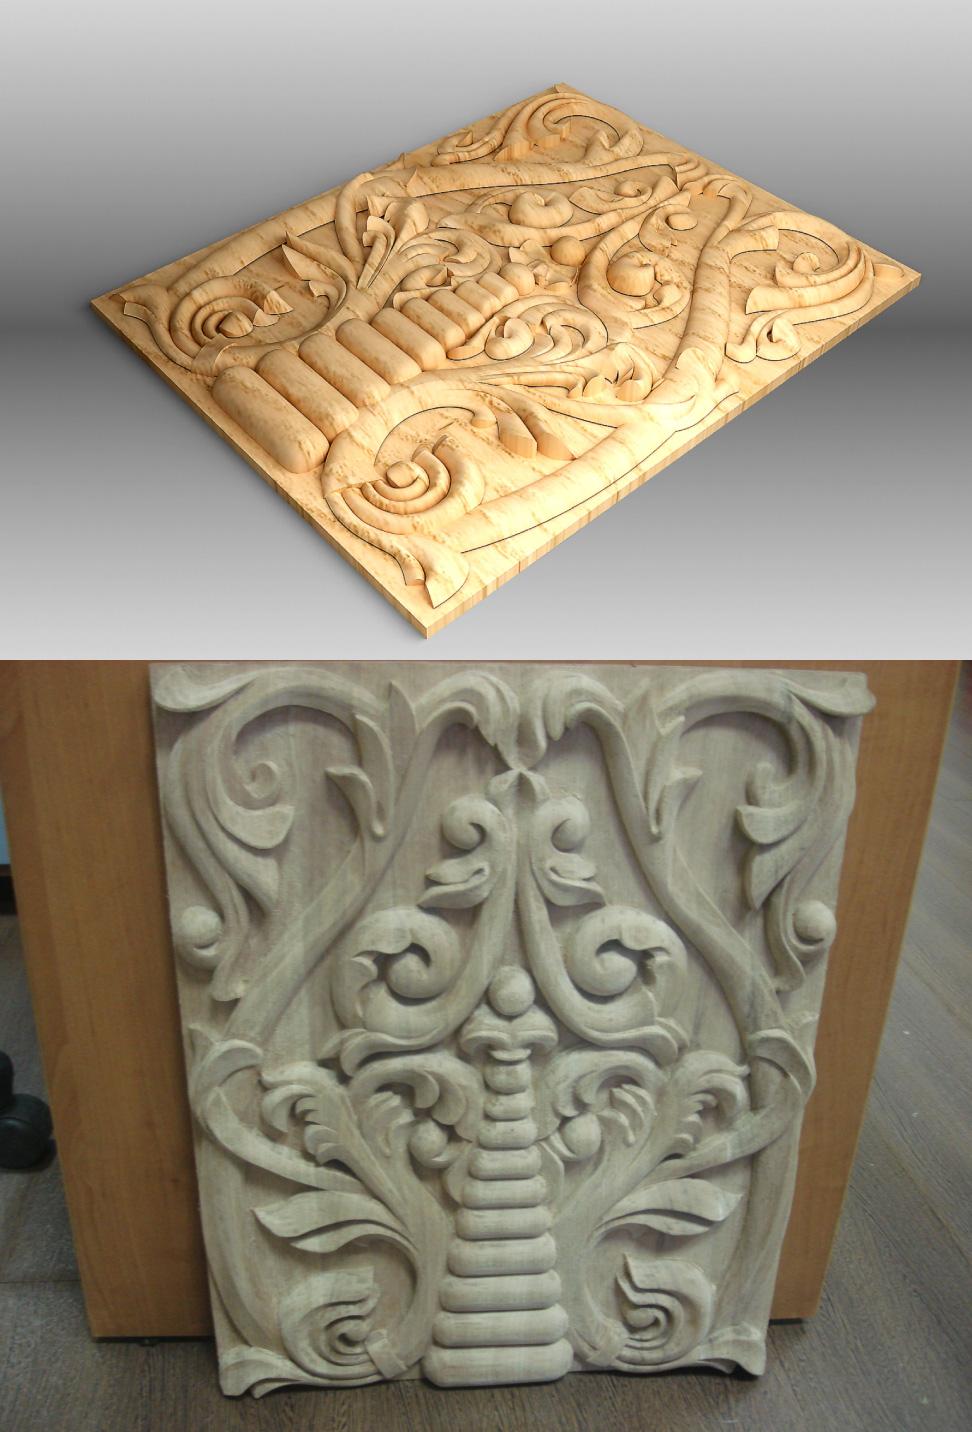 моделирование трехмерной модели деревянной резьбы